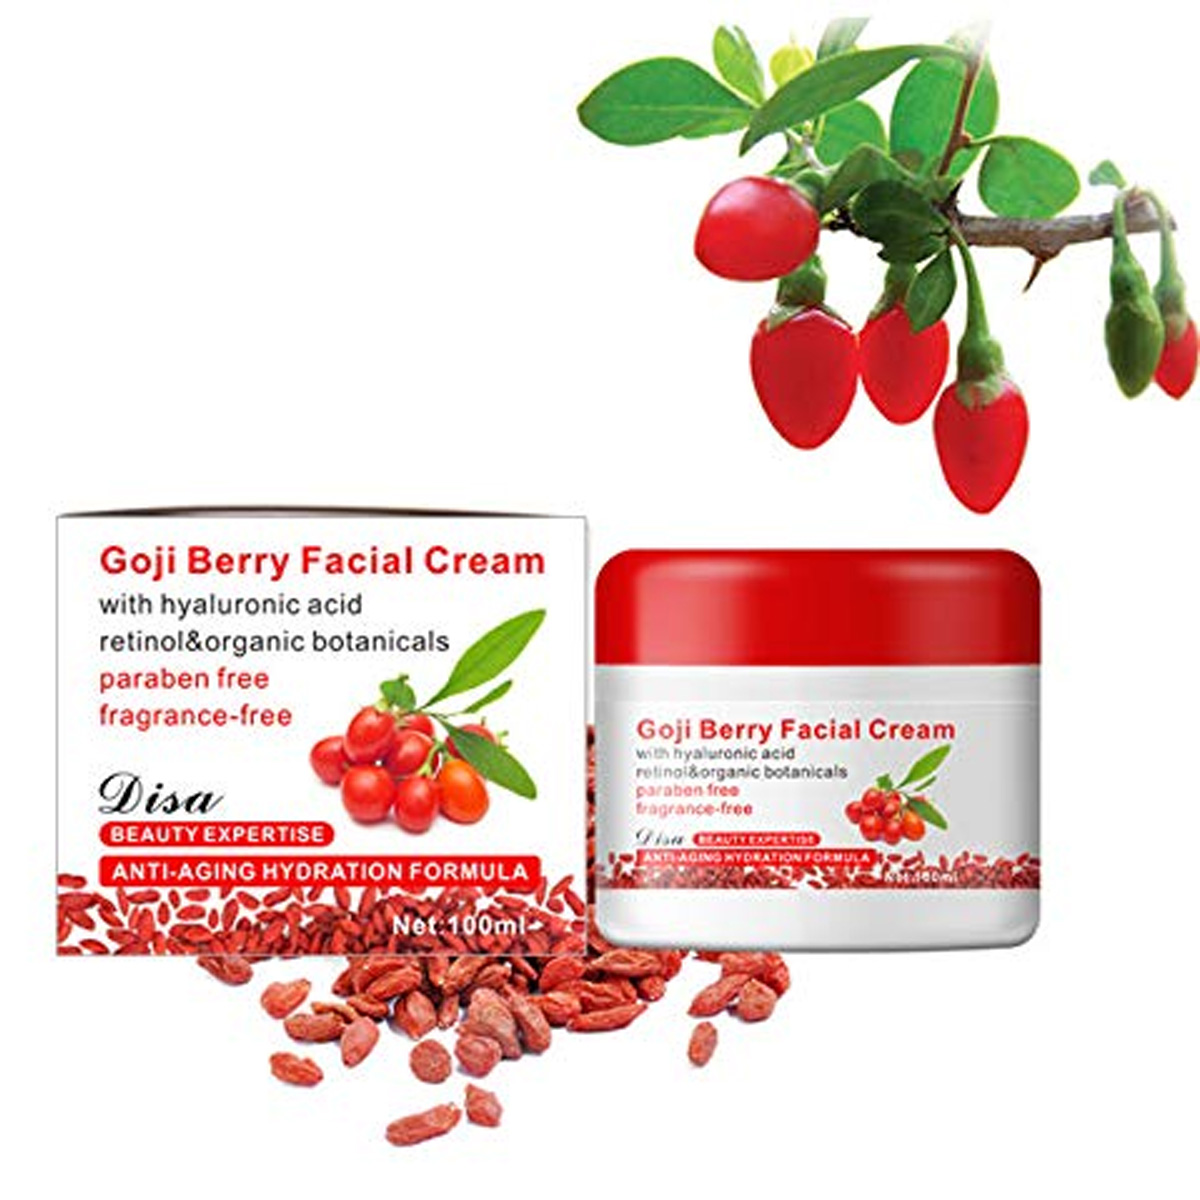 Goji Berry Crema Facial Revitalizante Anti-envejecimiento